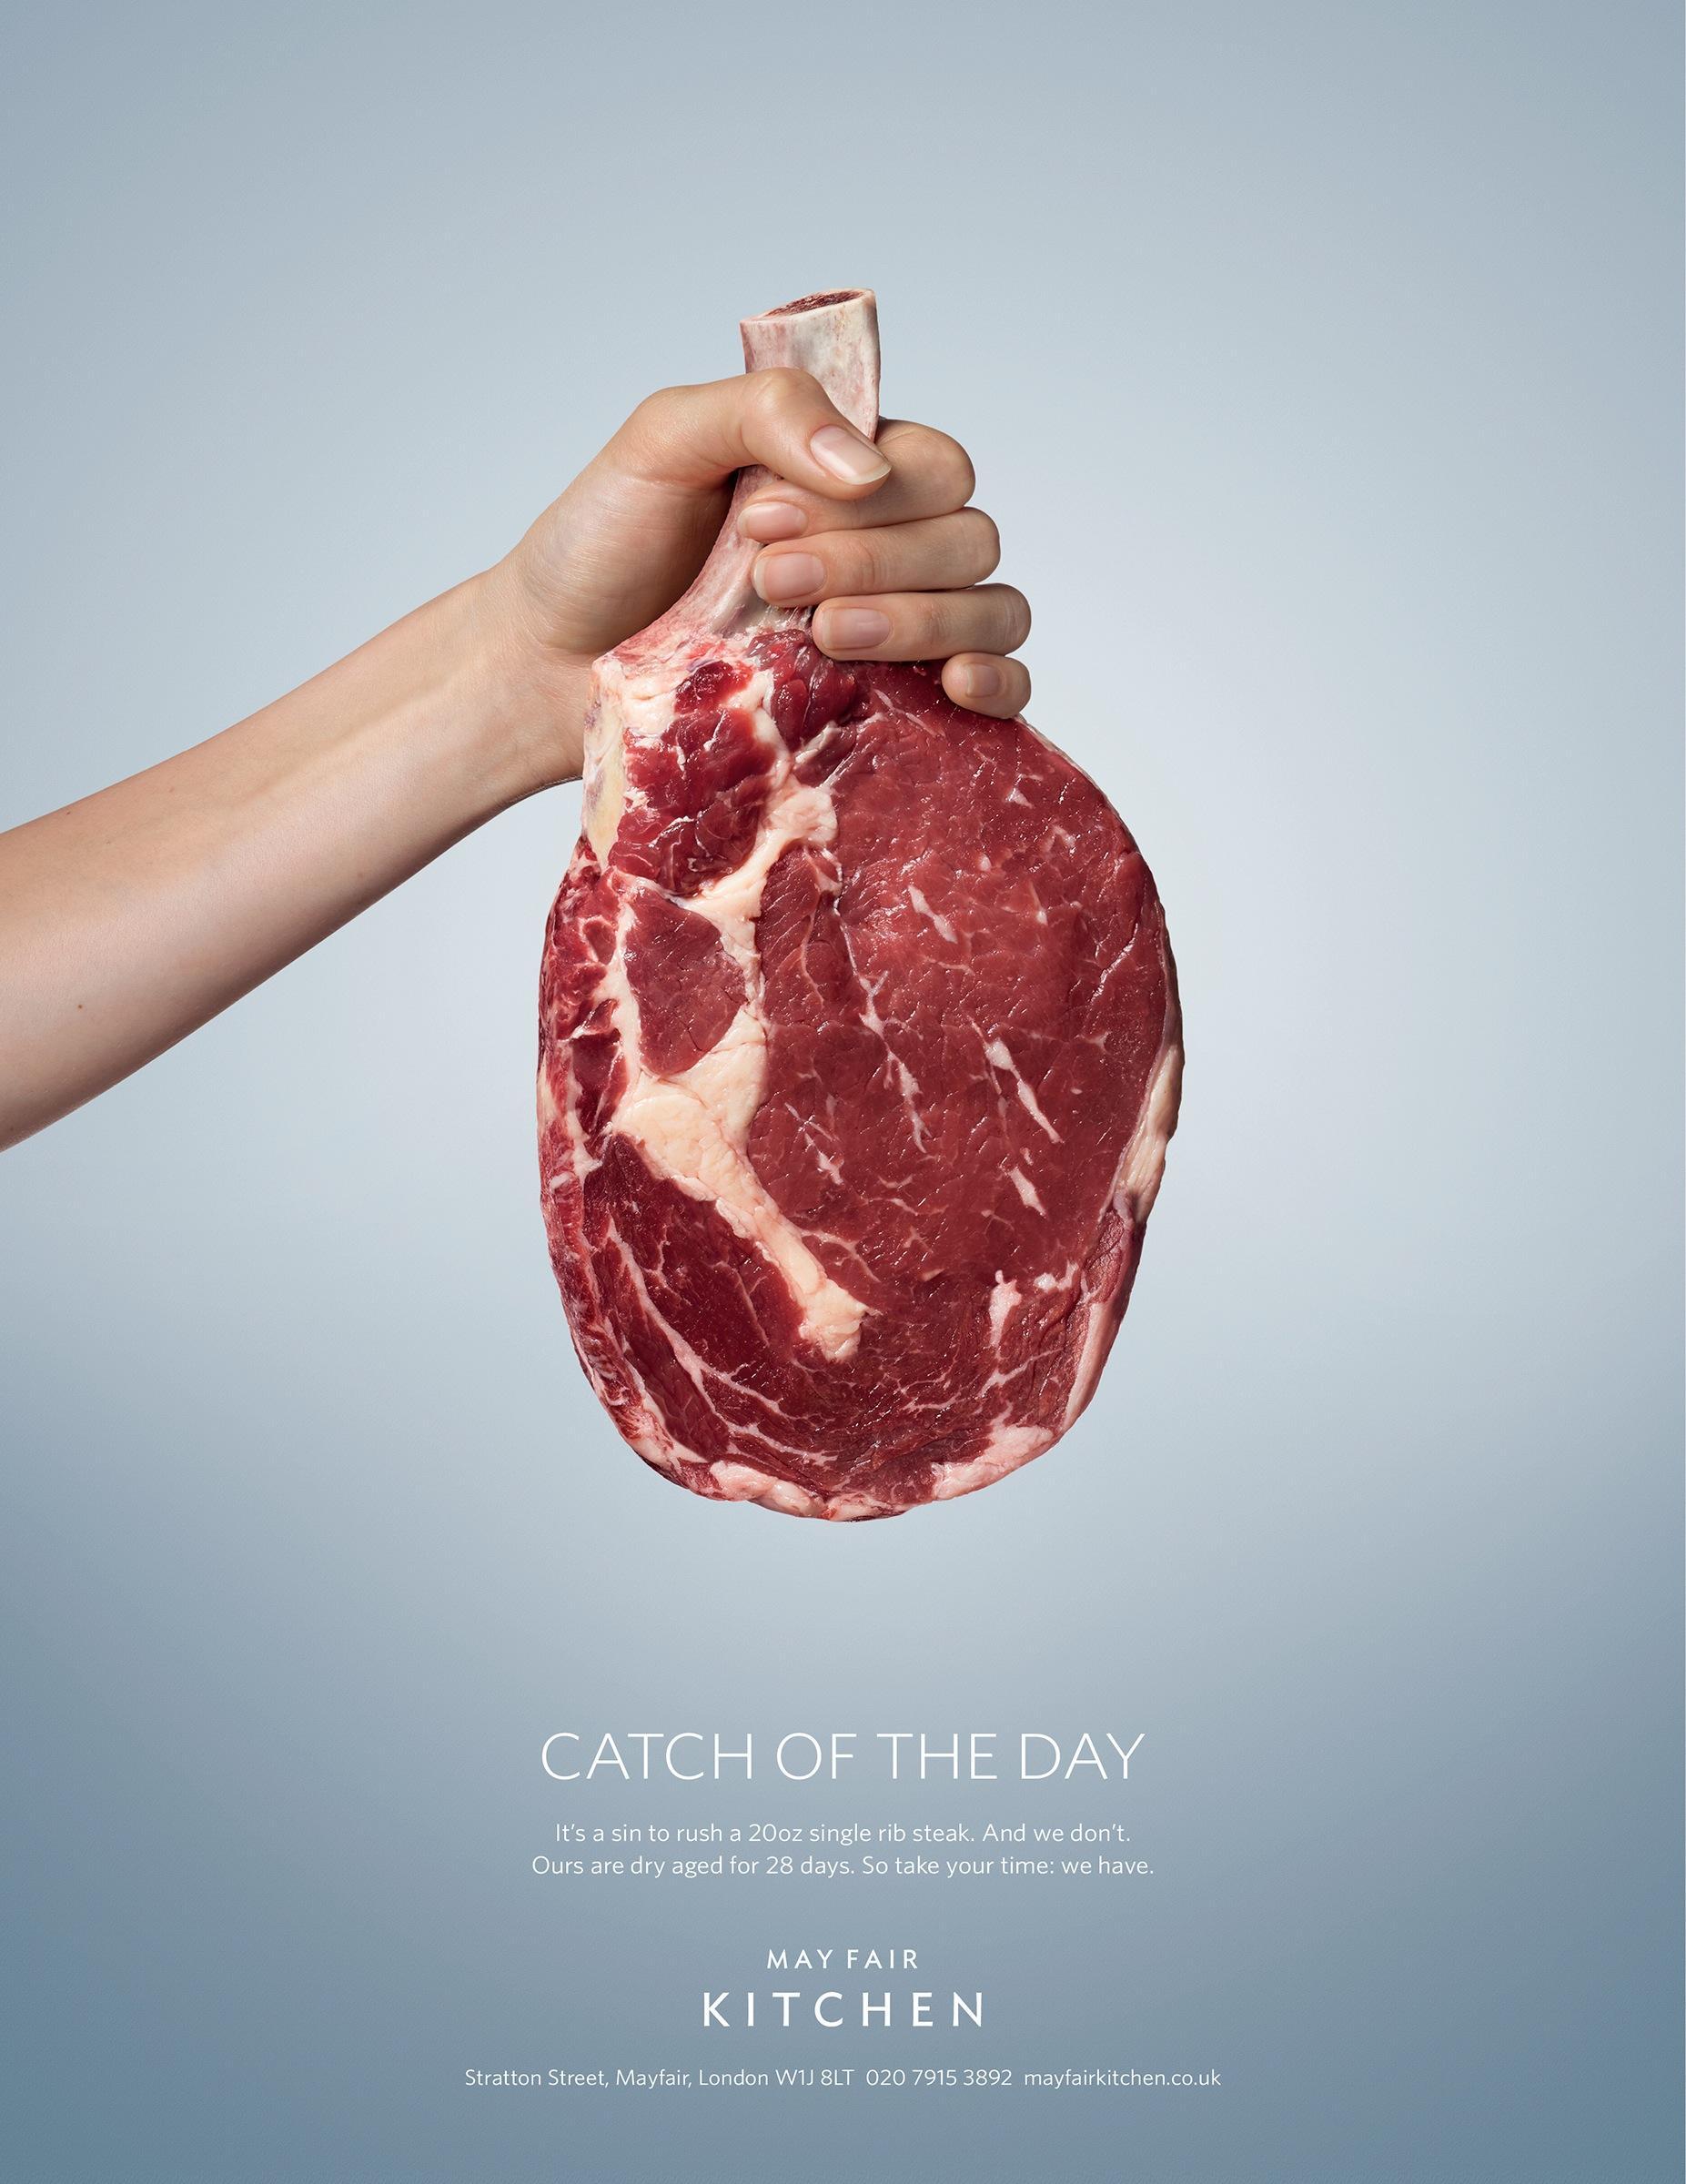 May Fair Kitchen Print Advert By Saatchi & Saatchi: Steak   Ads of ...